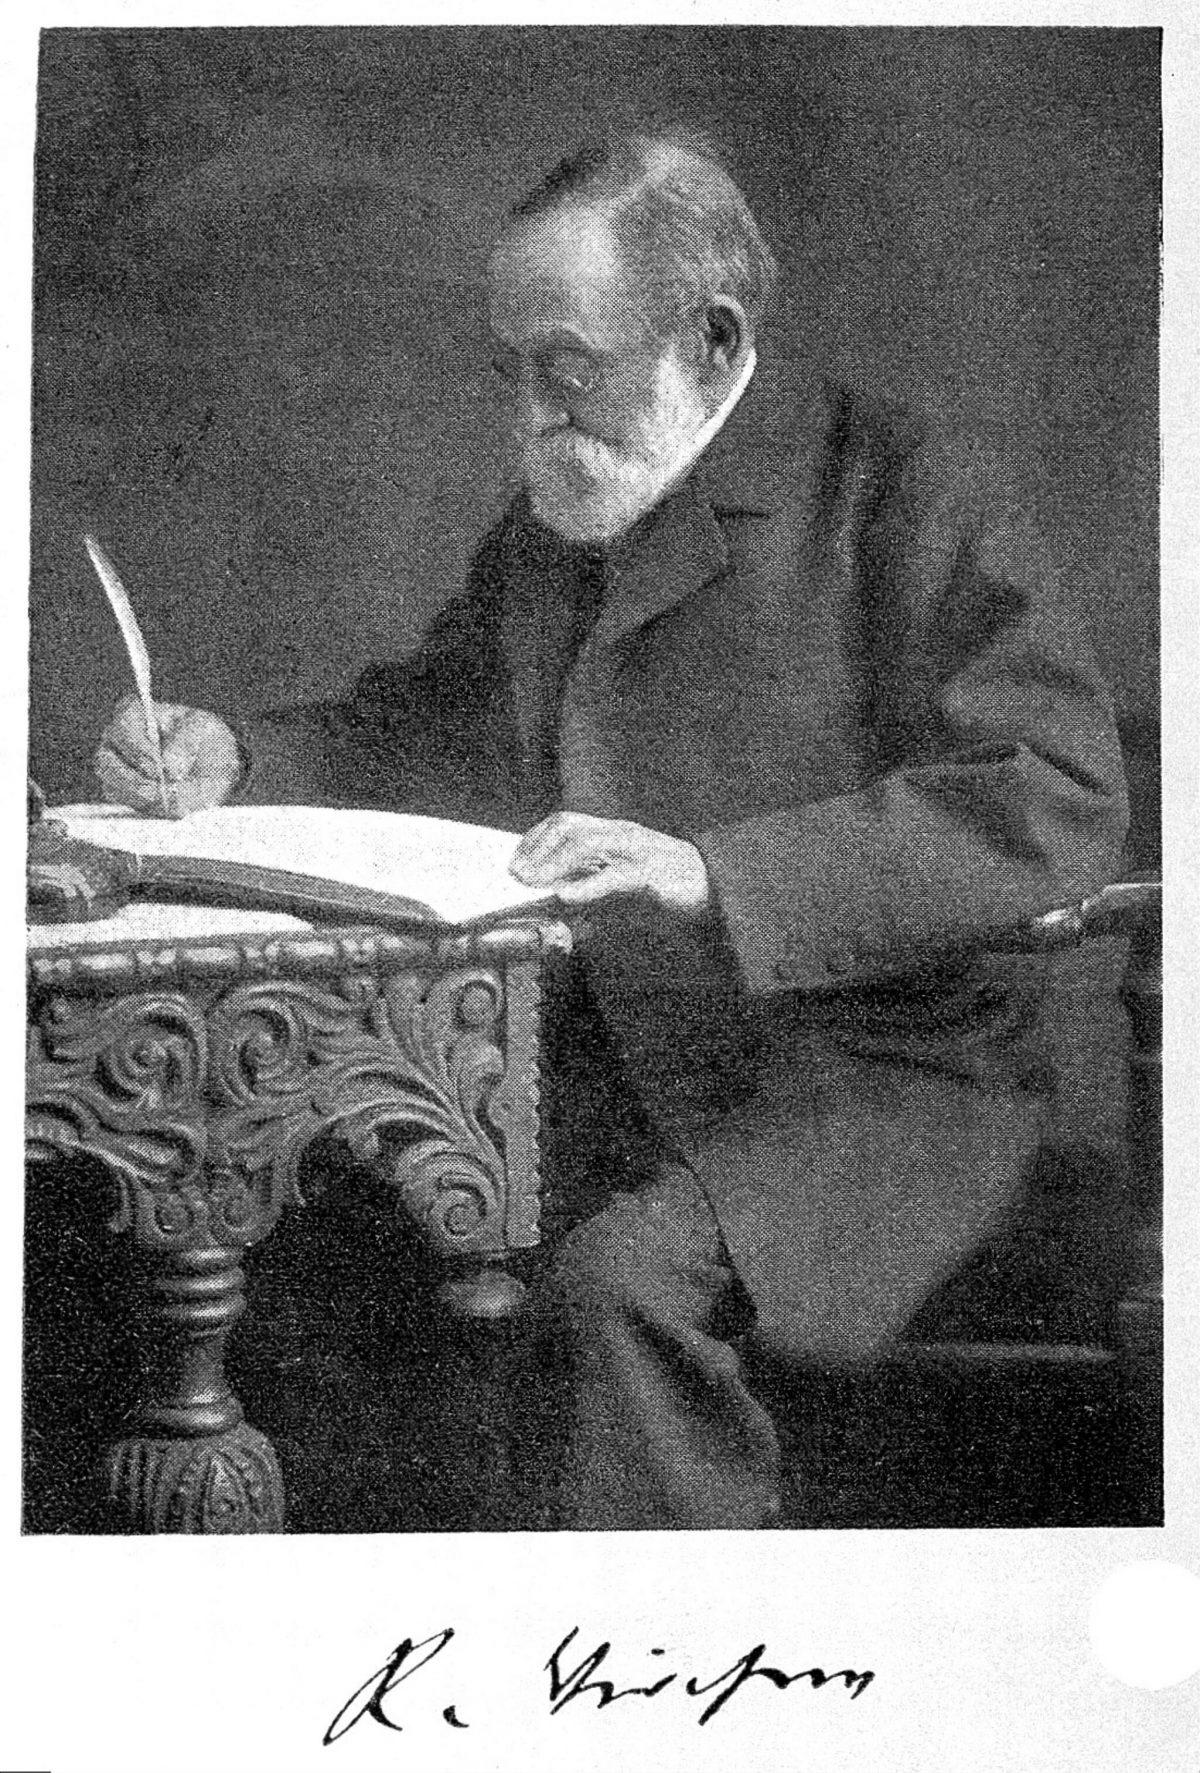 Vita e intuizioni di un genio: Rudolf Virchow